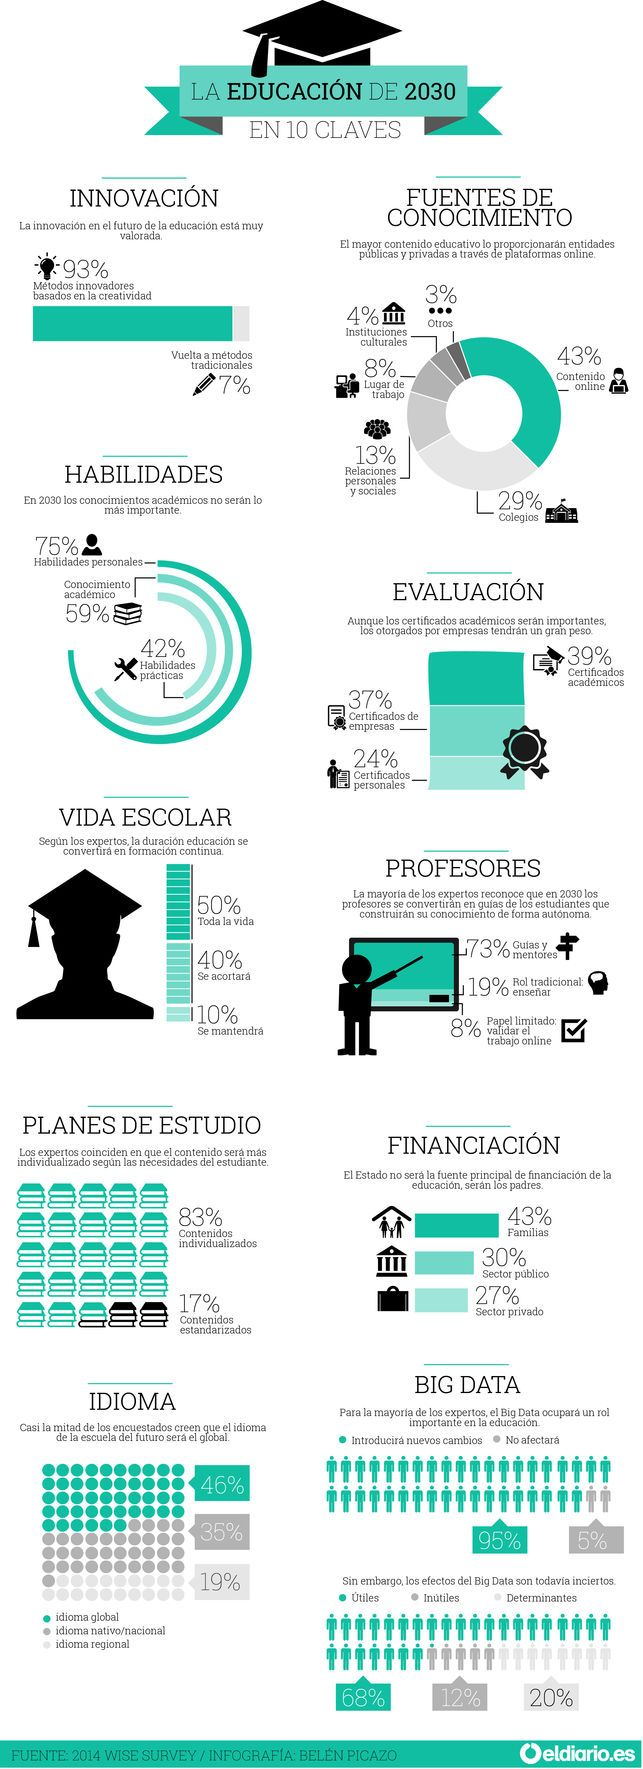 La educación de 2030 en 10 claves / Infografía: Belén Picazo